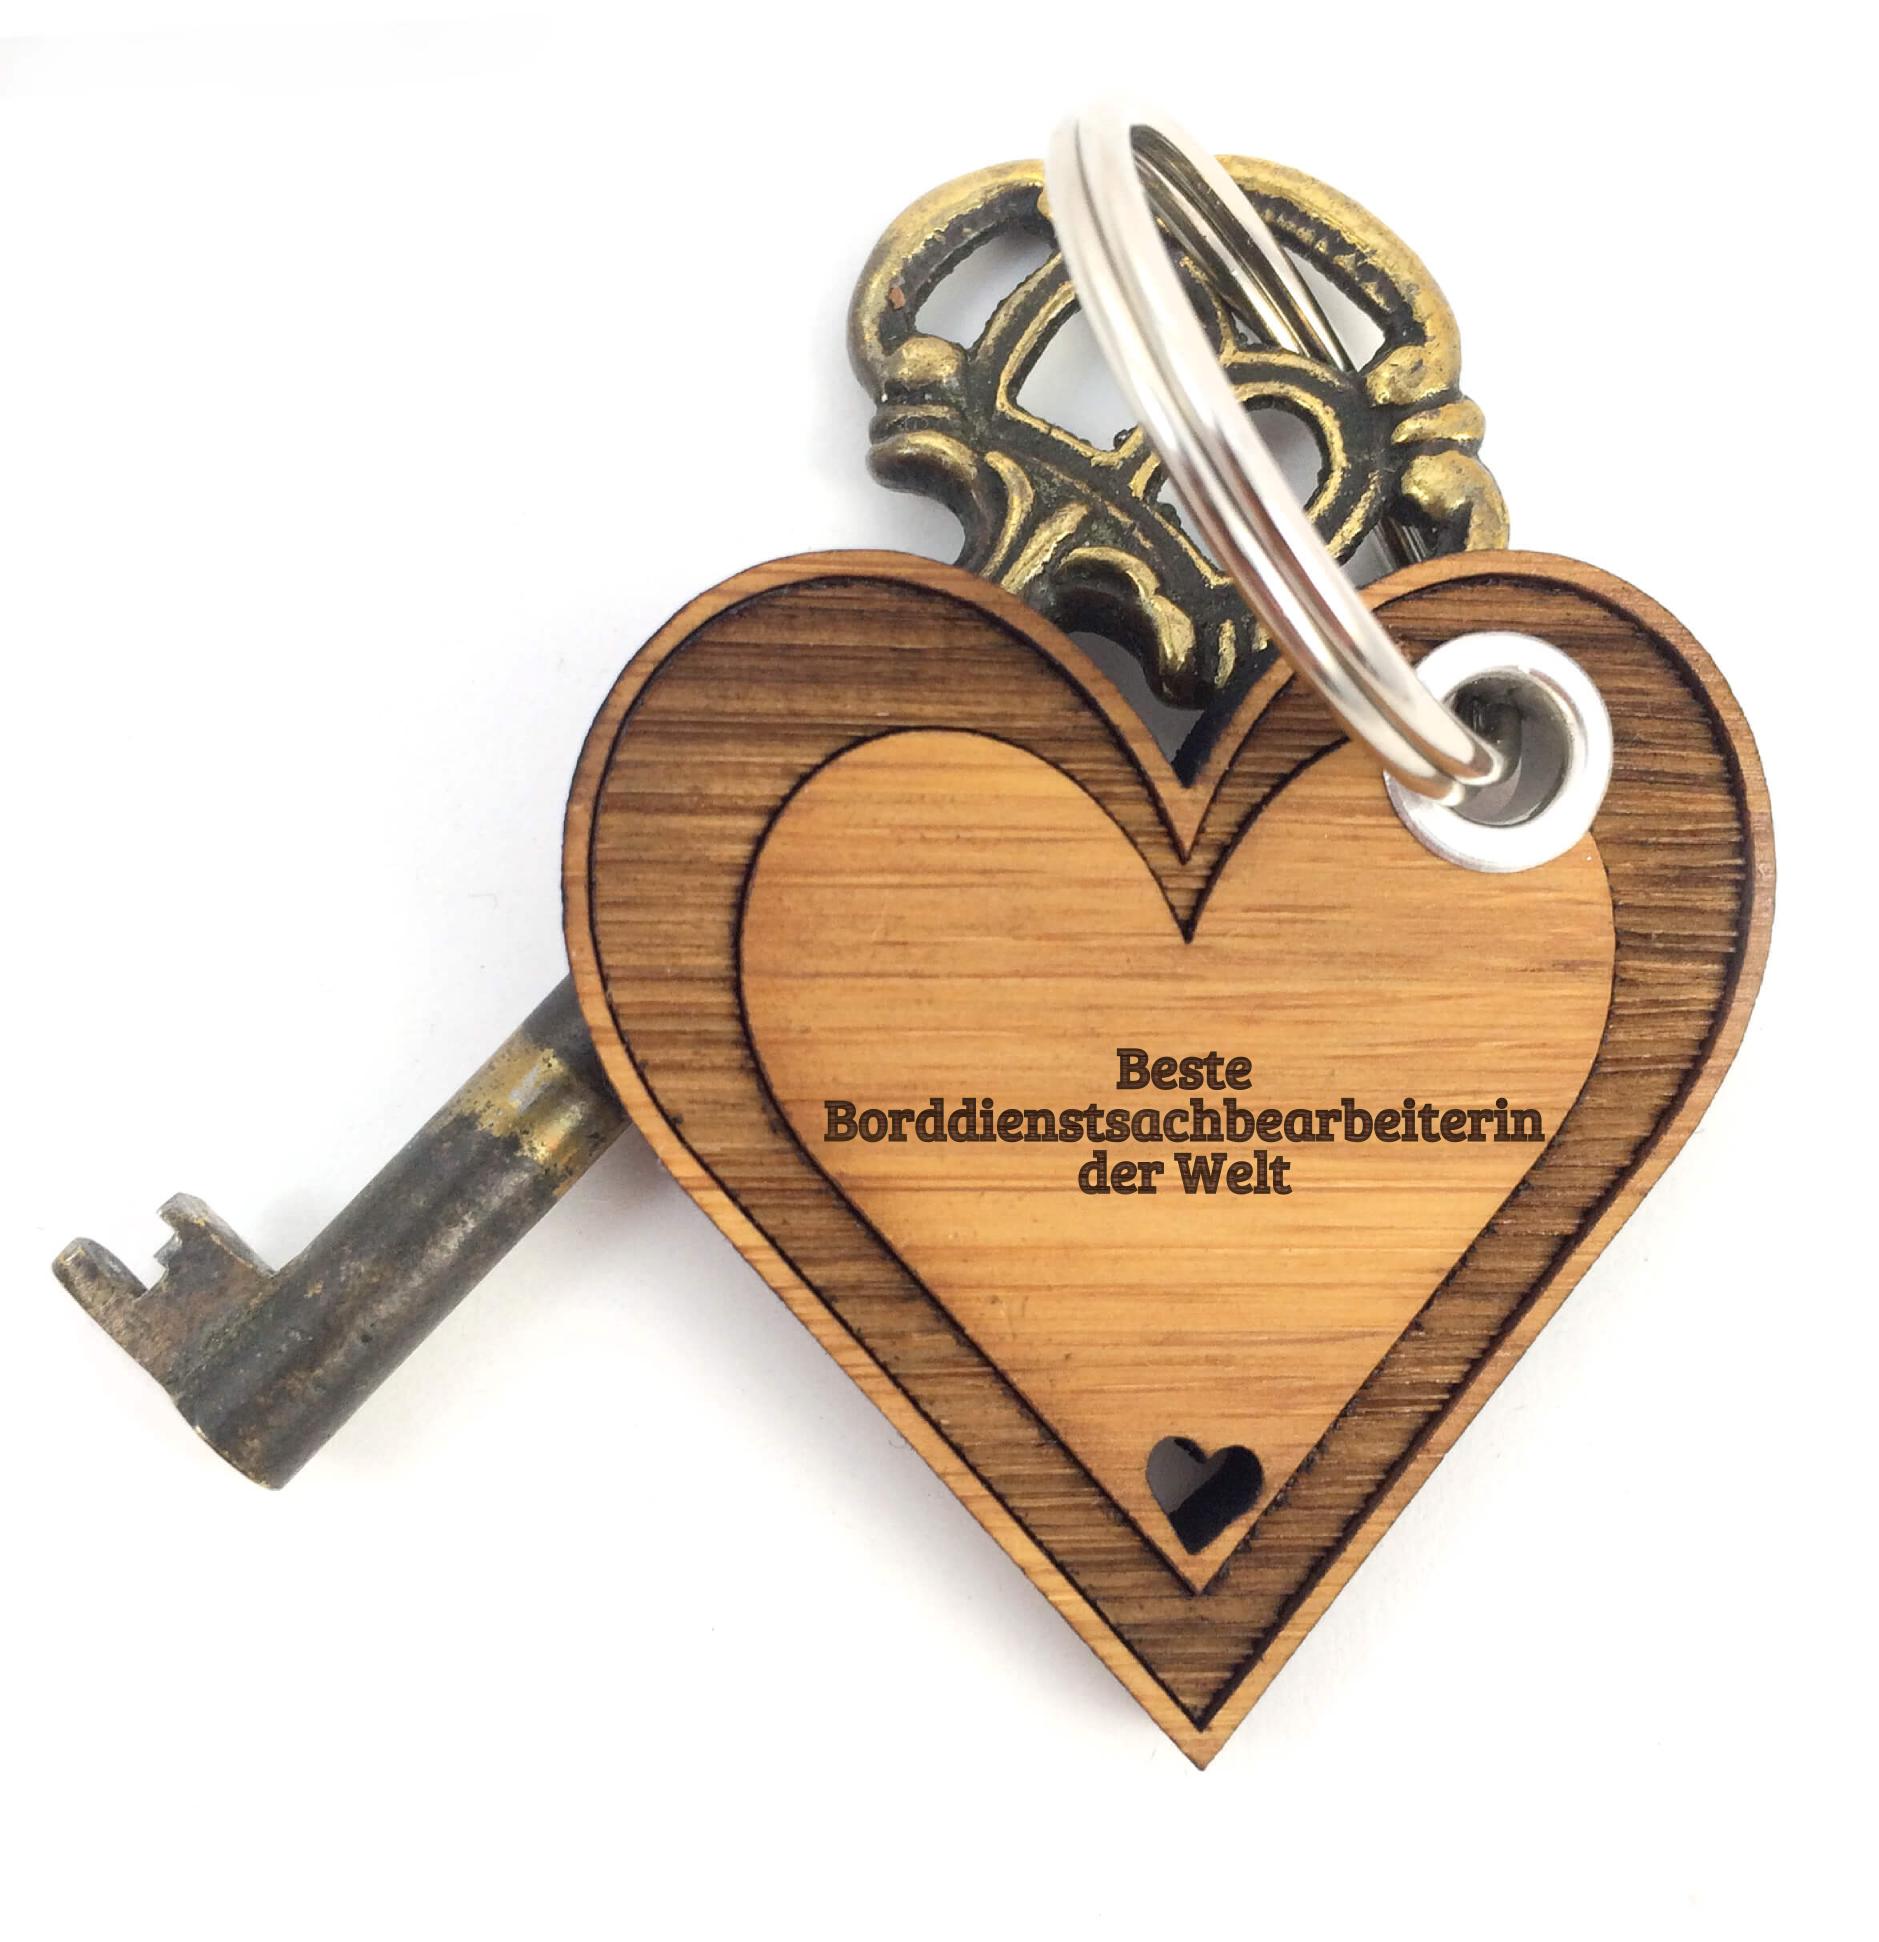 Schlüsselanhänger Herz aus Bambus  Coffee - Das Original von Mr. & Mrs. Panda.  Unsere Anhänger werden mit absoluter Liebe zum Detail handgefertigt und sind für jeden stolzen Besitzer etwas ganz Besonderes. Sie sind als zauberhaftes Geschenk oder auch einfach zum selber behalten perfekt geeignet.    Über unser Motiv Herz  Wir haben etwas auf dem Herzen, können jemanden ins Herz schließen, mit ihm ein Herz und eine Seele sein oder jemanden das Herz brechen. Das Symbol Herz, steht nicht nur…